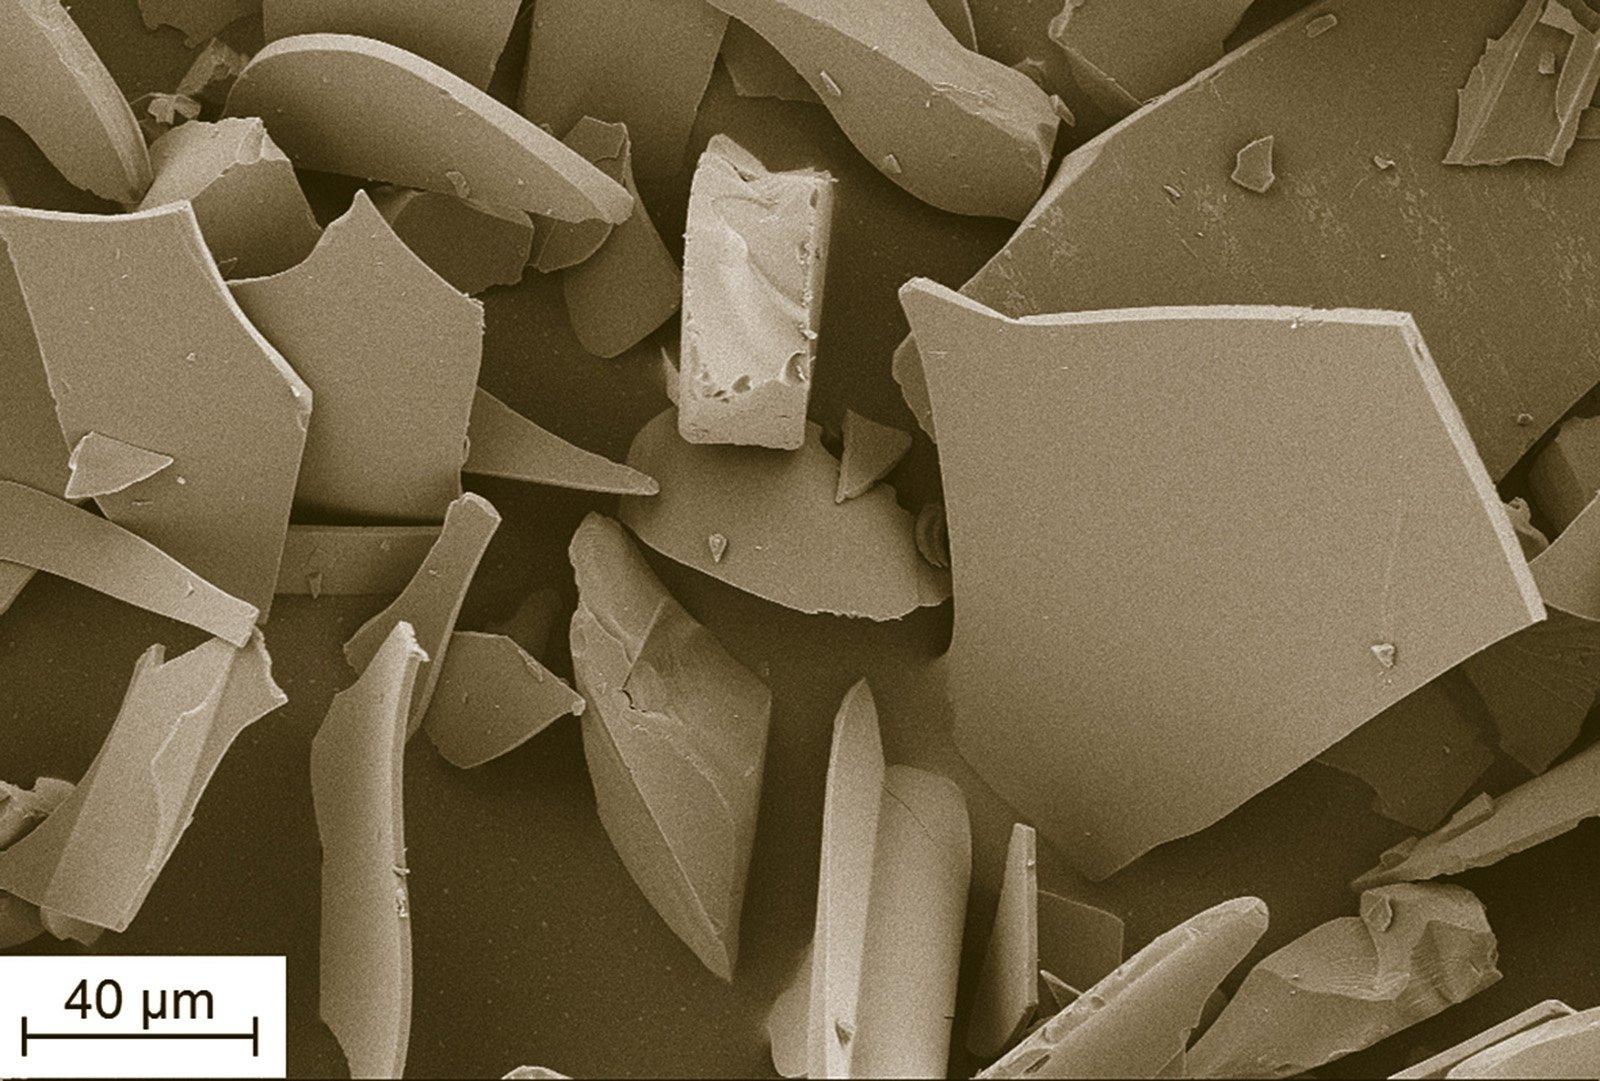 So sehen die Glasflakes unter dem Rasterelektronenmikroskop aus, die Forscher in Raumputz einmischen wollen, um das Raumklima zu verbessern. Die kleinen Glassplitter nehmen die Feuchtigkeit auf und geben sie langsam wieder ab. Damit beugen sie auch der Schimmelbildung vor.